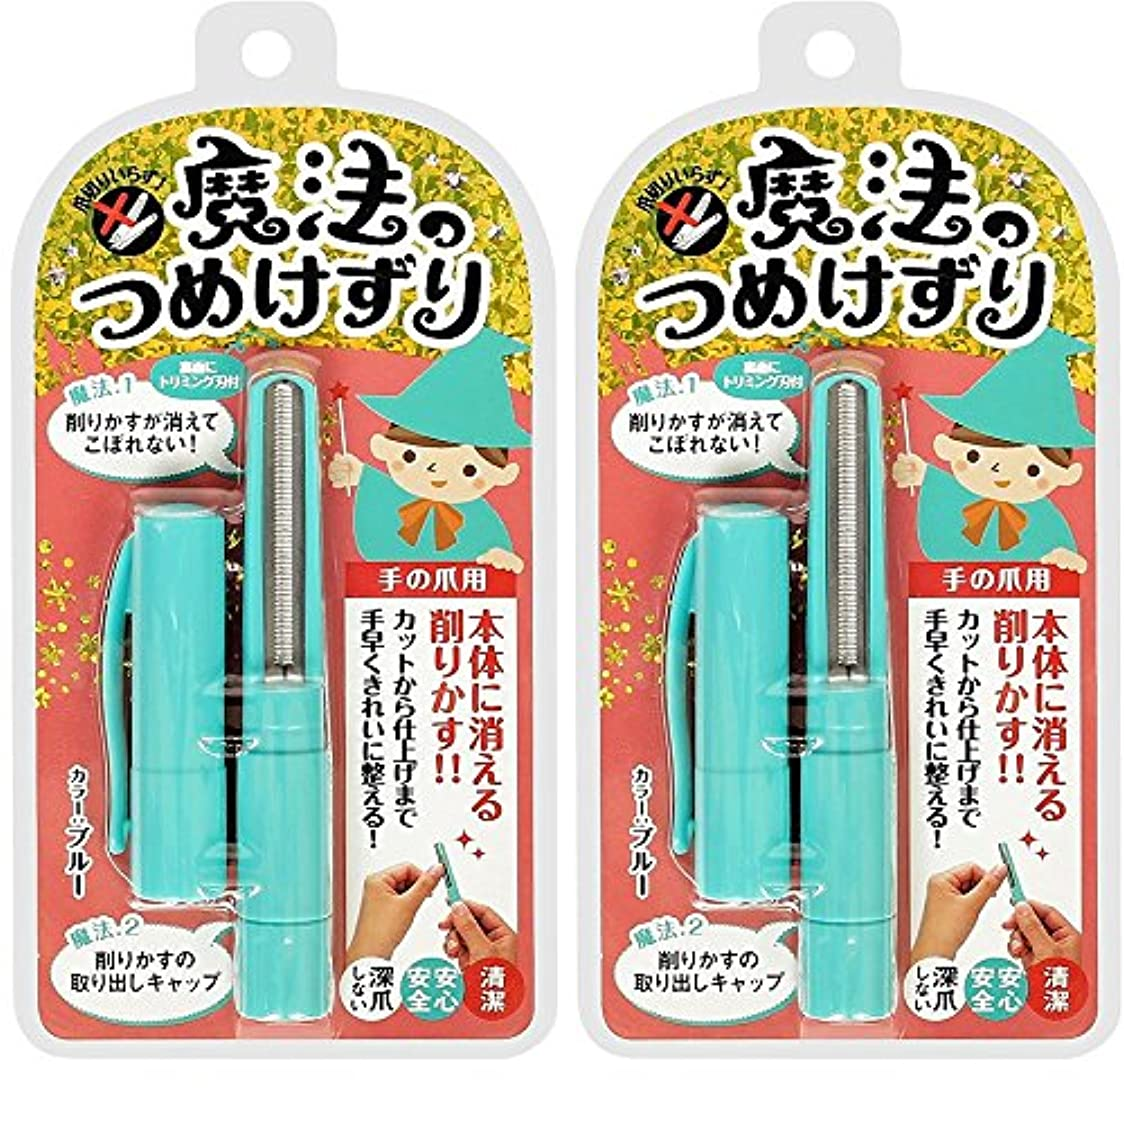 威する着替える目立つ【セット品】松本金型 魔法のつめけずり MM-091 ブルー 2個